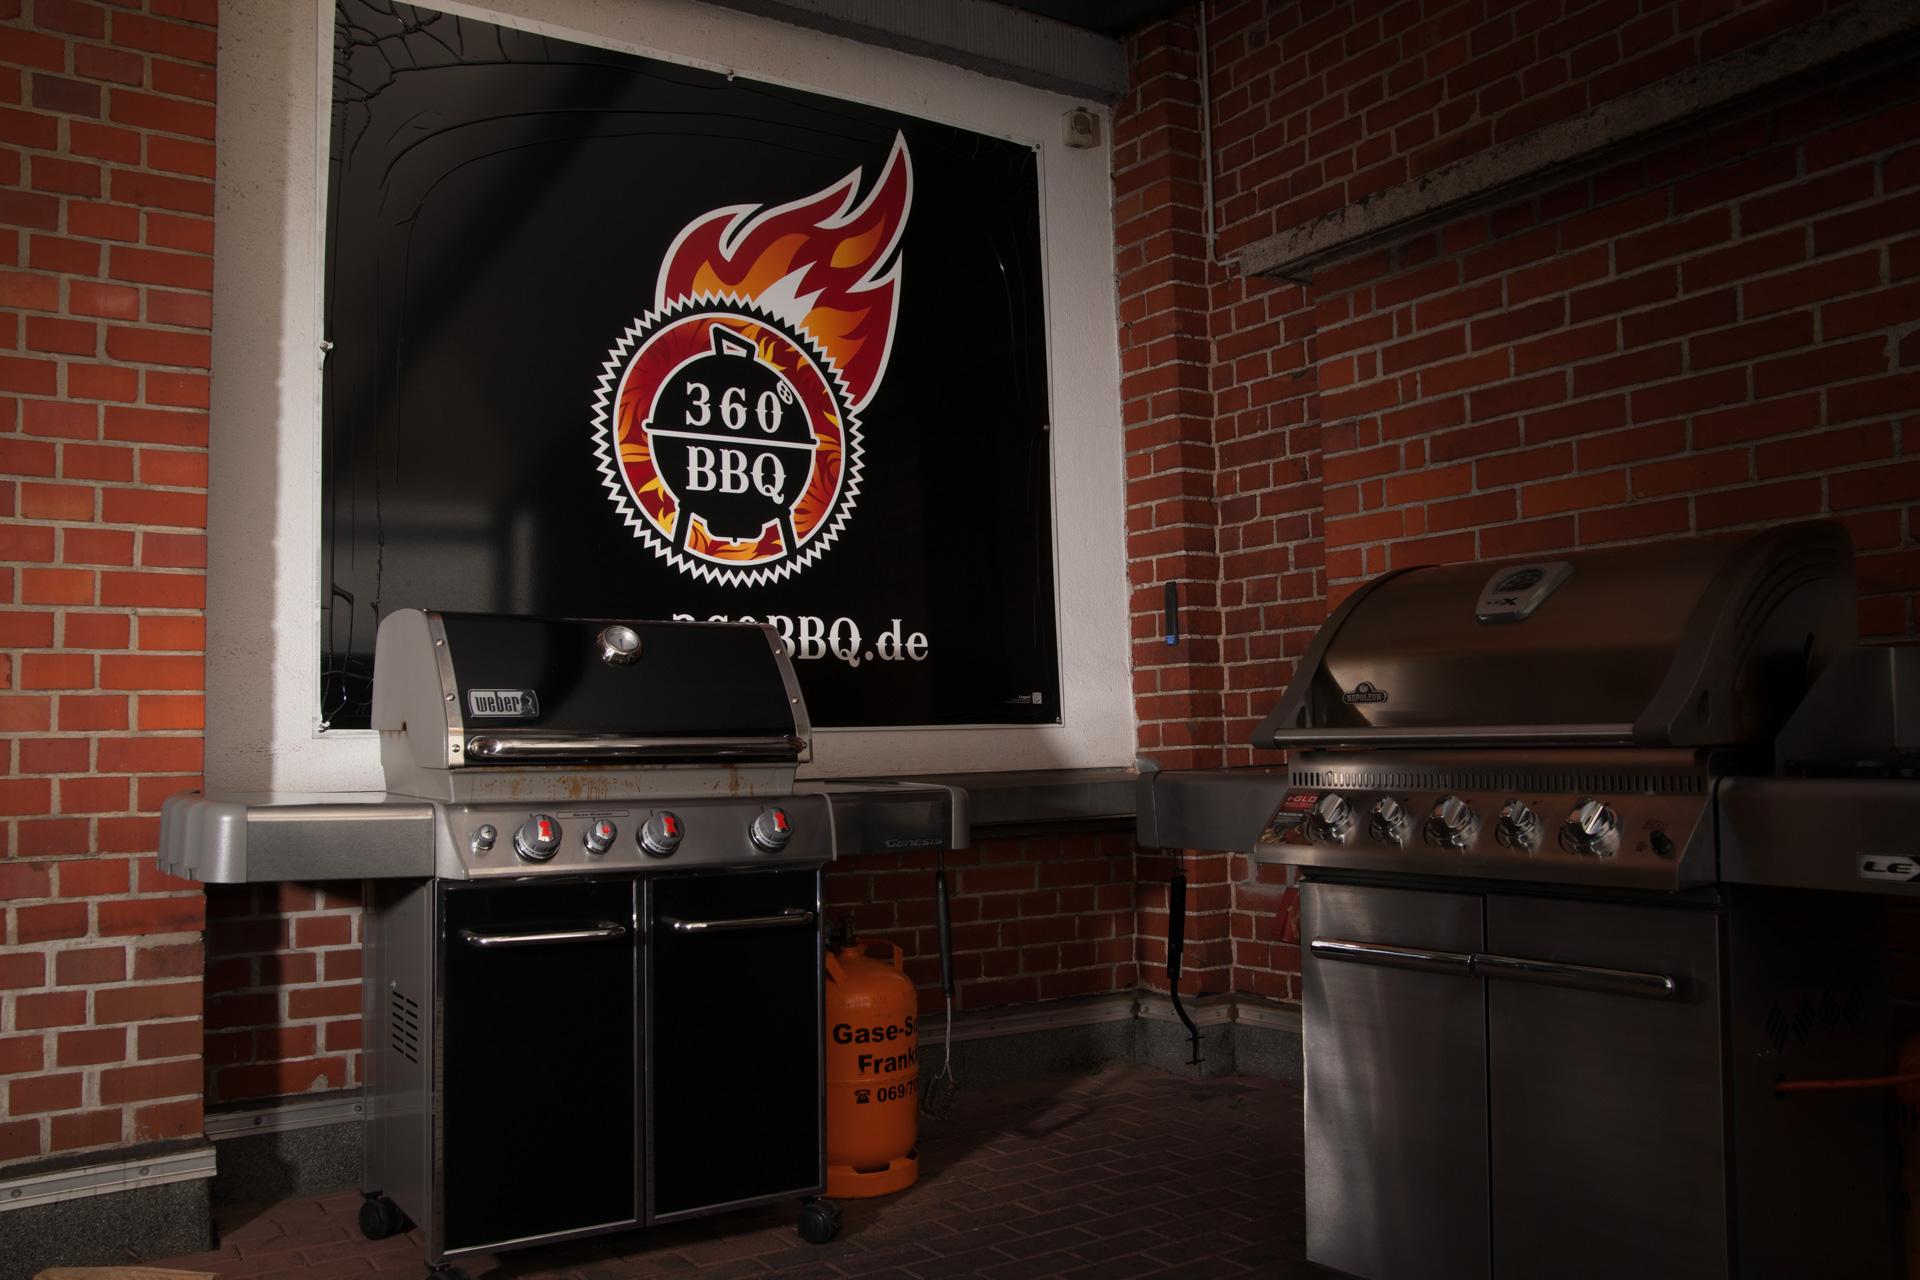 Weber Elektrogrill Lagerung : Gasgrill sicherheit u2013 sicher grillen mit gas 360° bbq grill shop